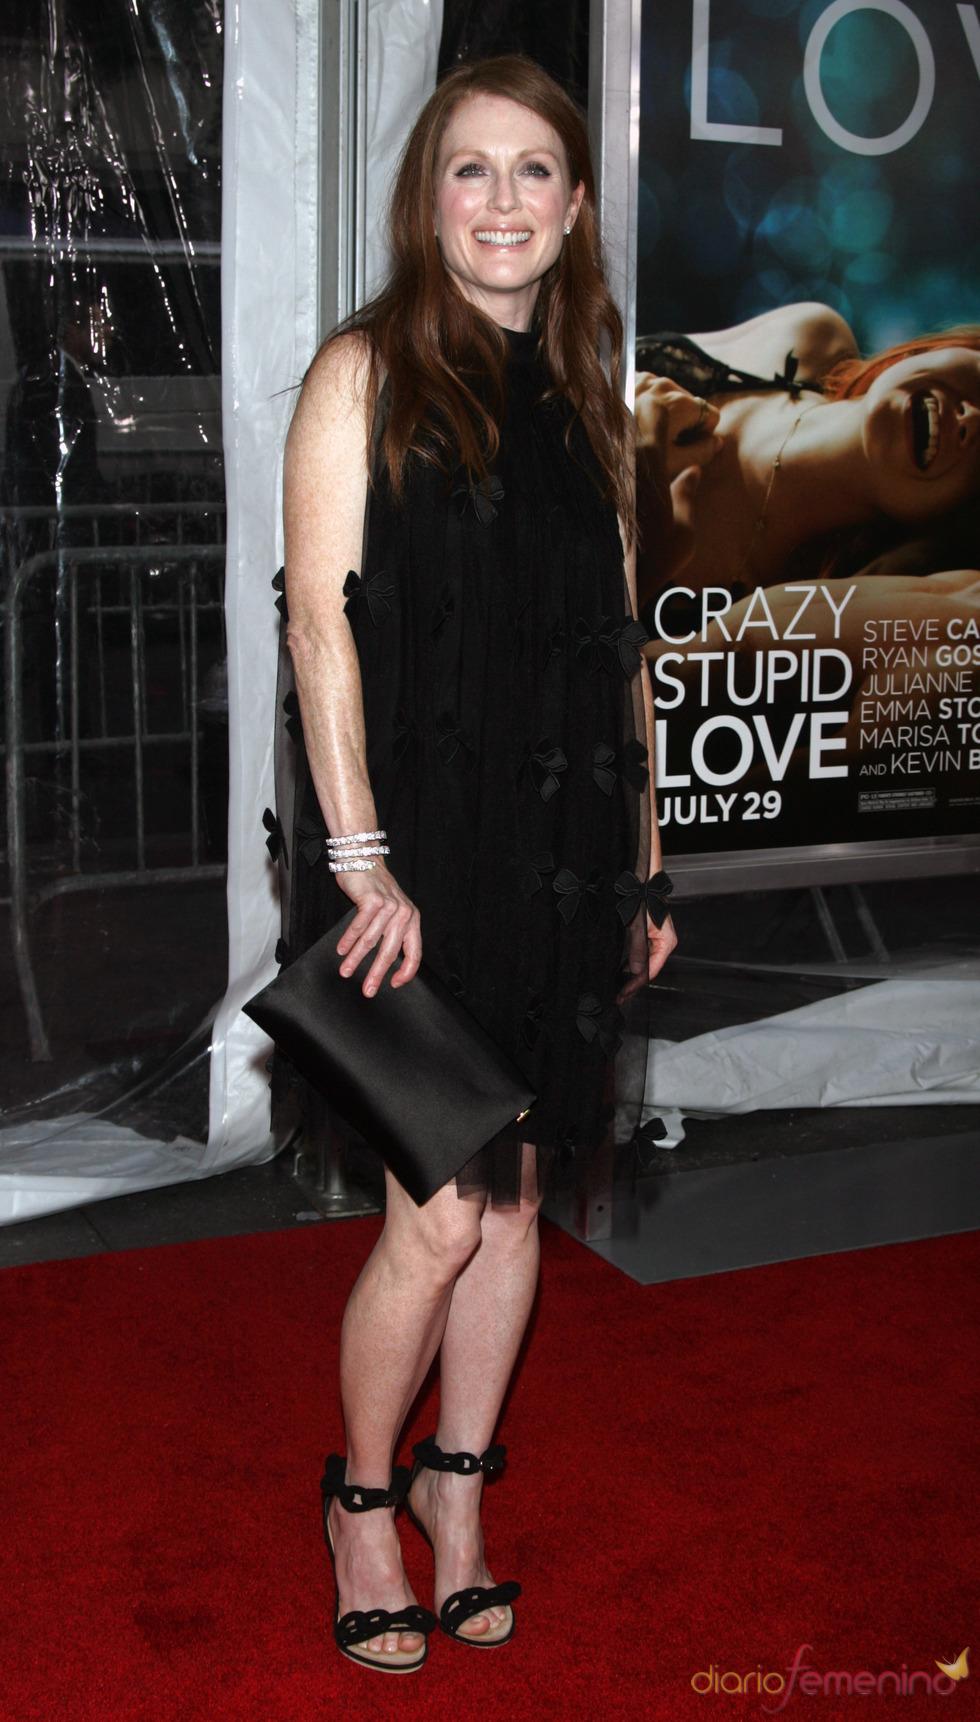 Julianne Moore en la premiere de 'Crazy, Stupid, Love' en Nueva York